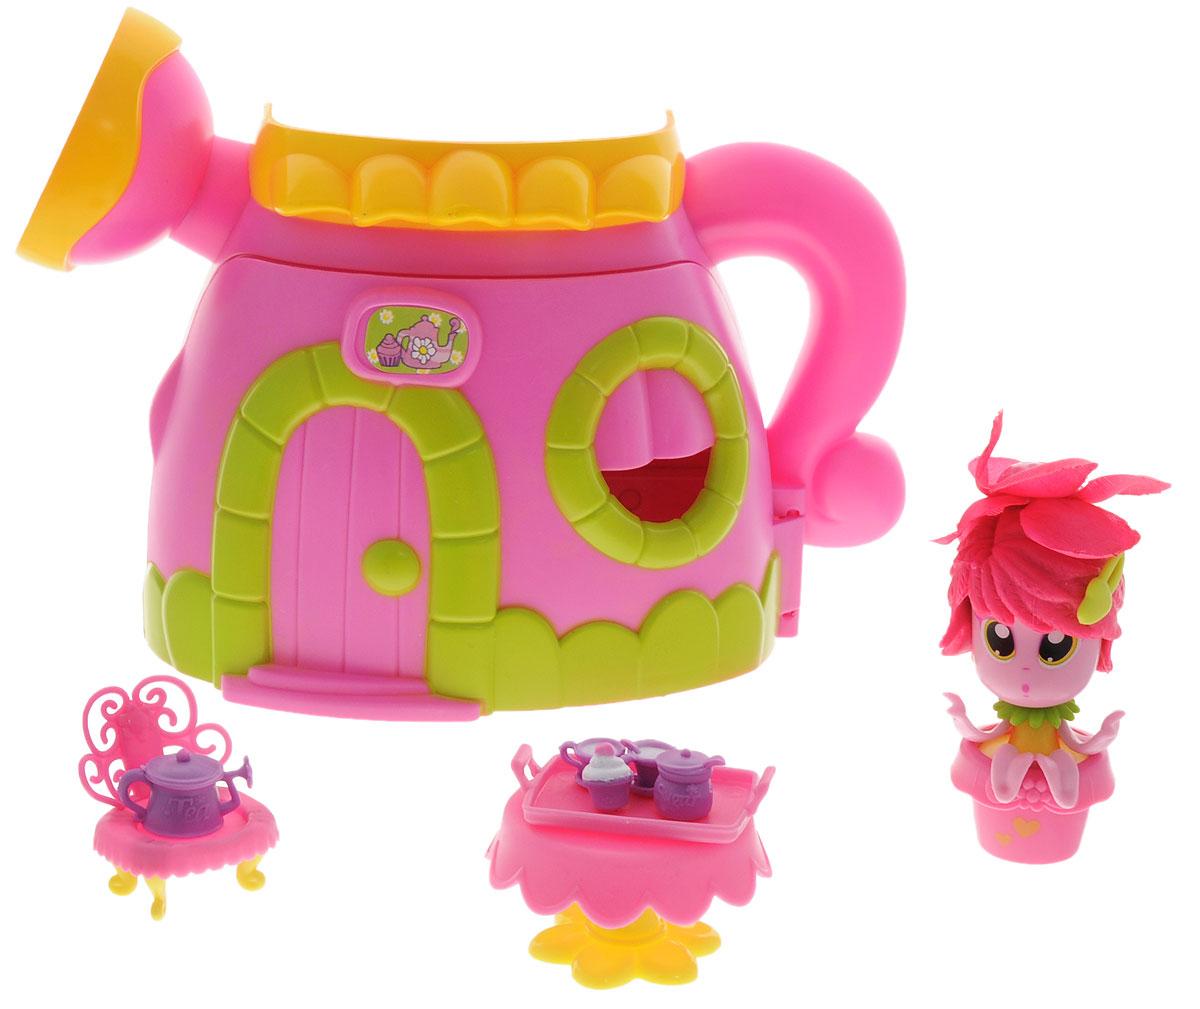 Daisy Игровой набор с мини-куклой Цветочек с домом29505Милые куколки-цветочки Daisy Flowers - это разноцветные разборные игрушки, которые могут меняться между собой прическами, цветочными шляпками и аксессуарами. В игровой набор входят кукла-цветочек, домик в виде лейки, мебель и посуда. Куколки-цветочки можно наряжать, меняя их образы, брать с собой в дорогу или в гости! Соберите всю коллекцию и подружите куколок между собой!